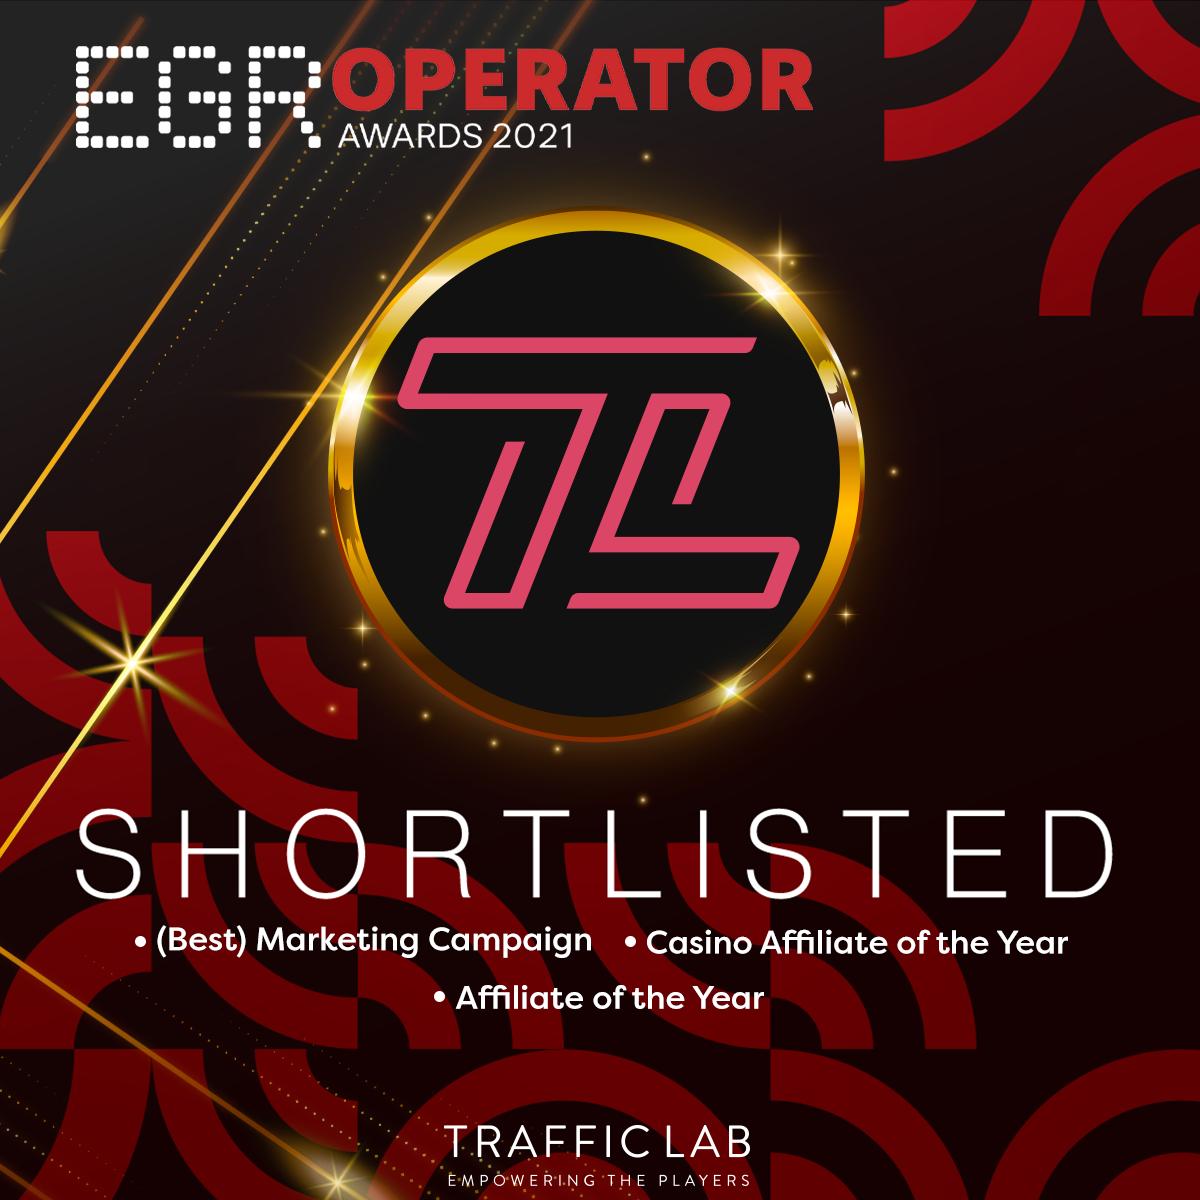 TrafficLab News - We got shortlisted – AGAIN!